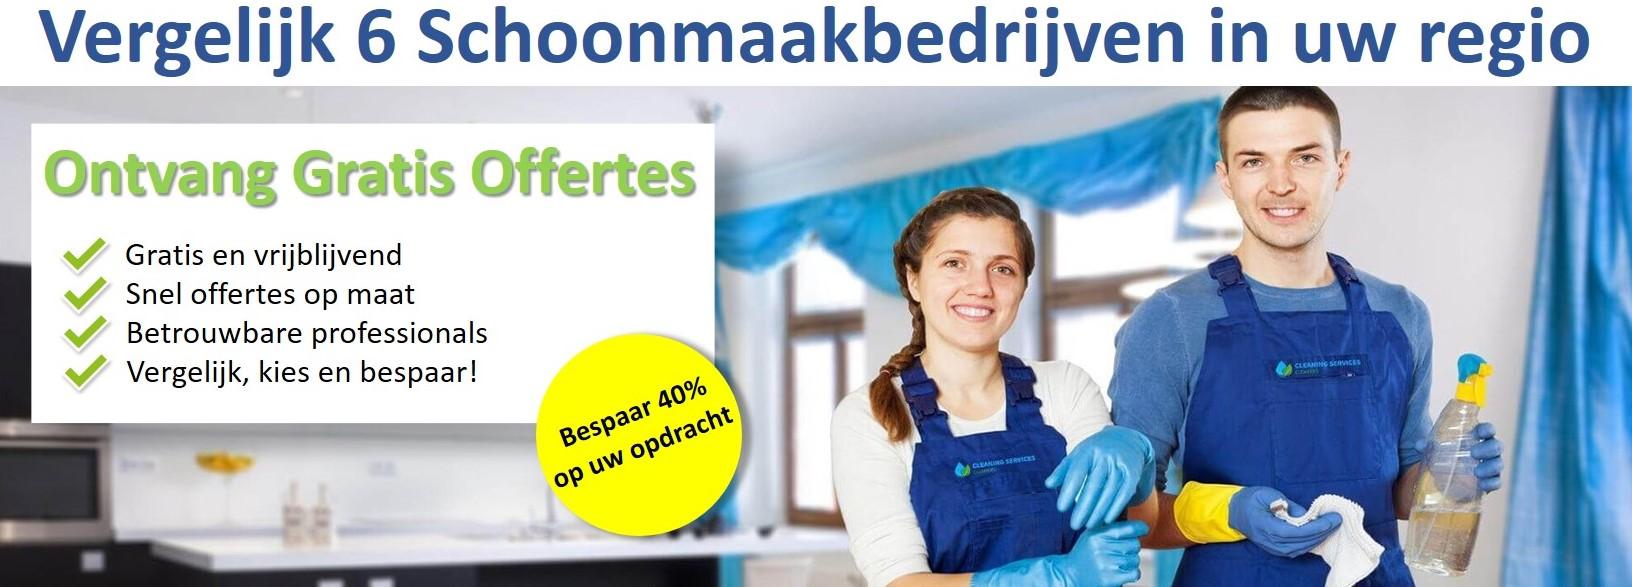 schoonmaakbedrijven banner